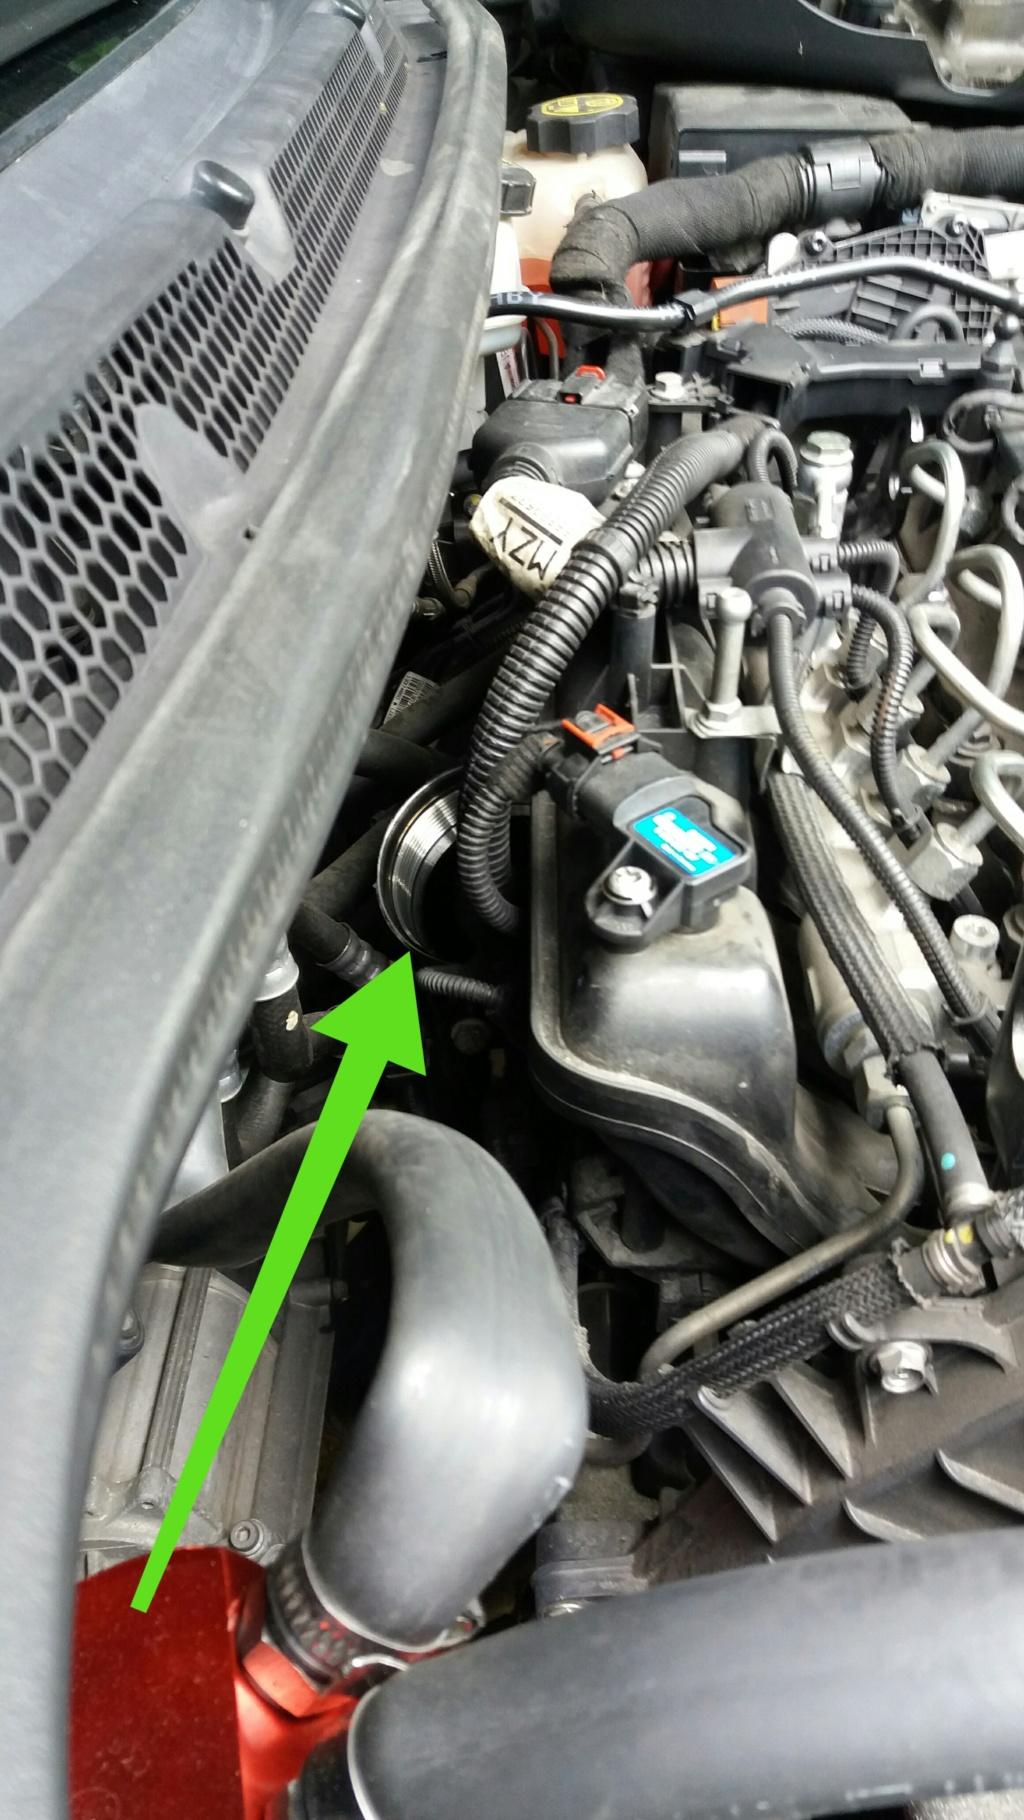 [BRICO J] - Cambio de aceite Astra J 1.7 + Modificación cubre-carter  - Página 2 Img_2027